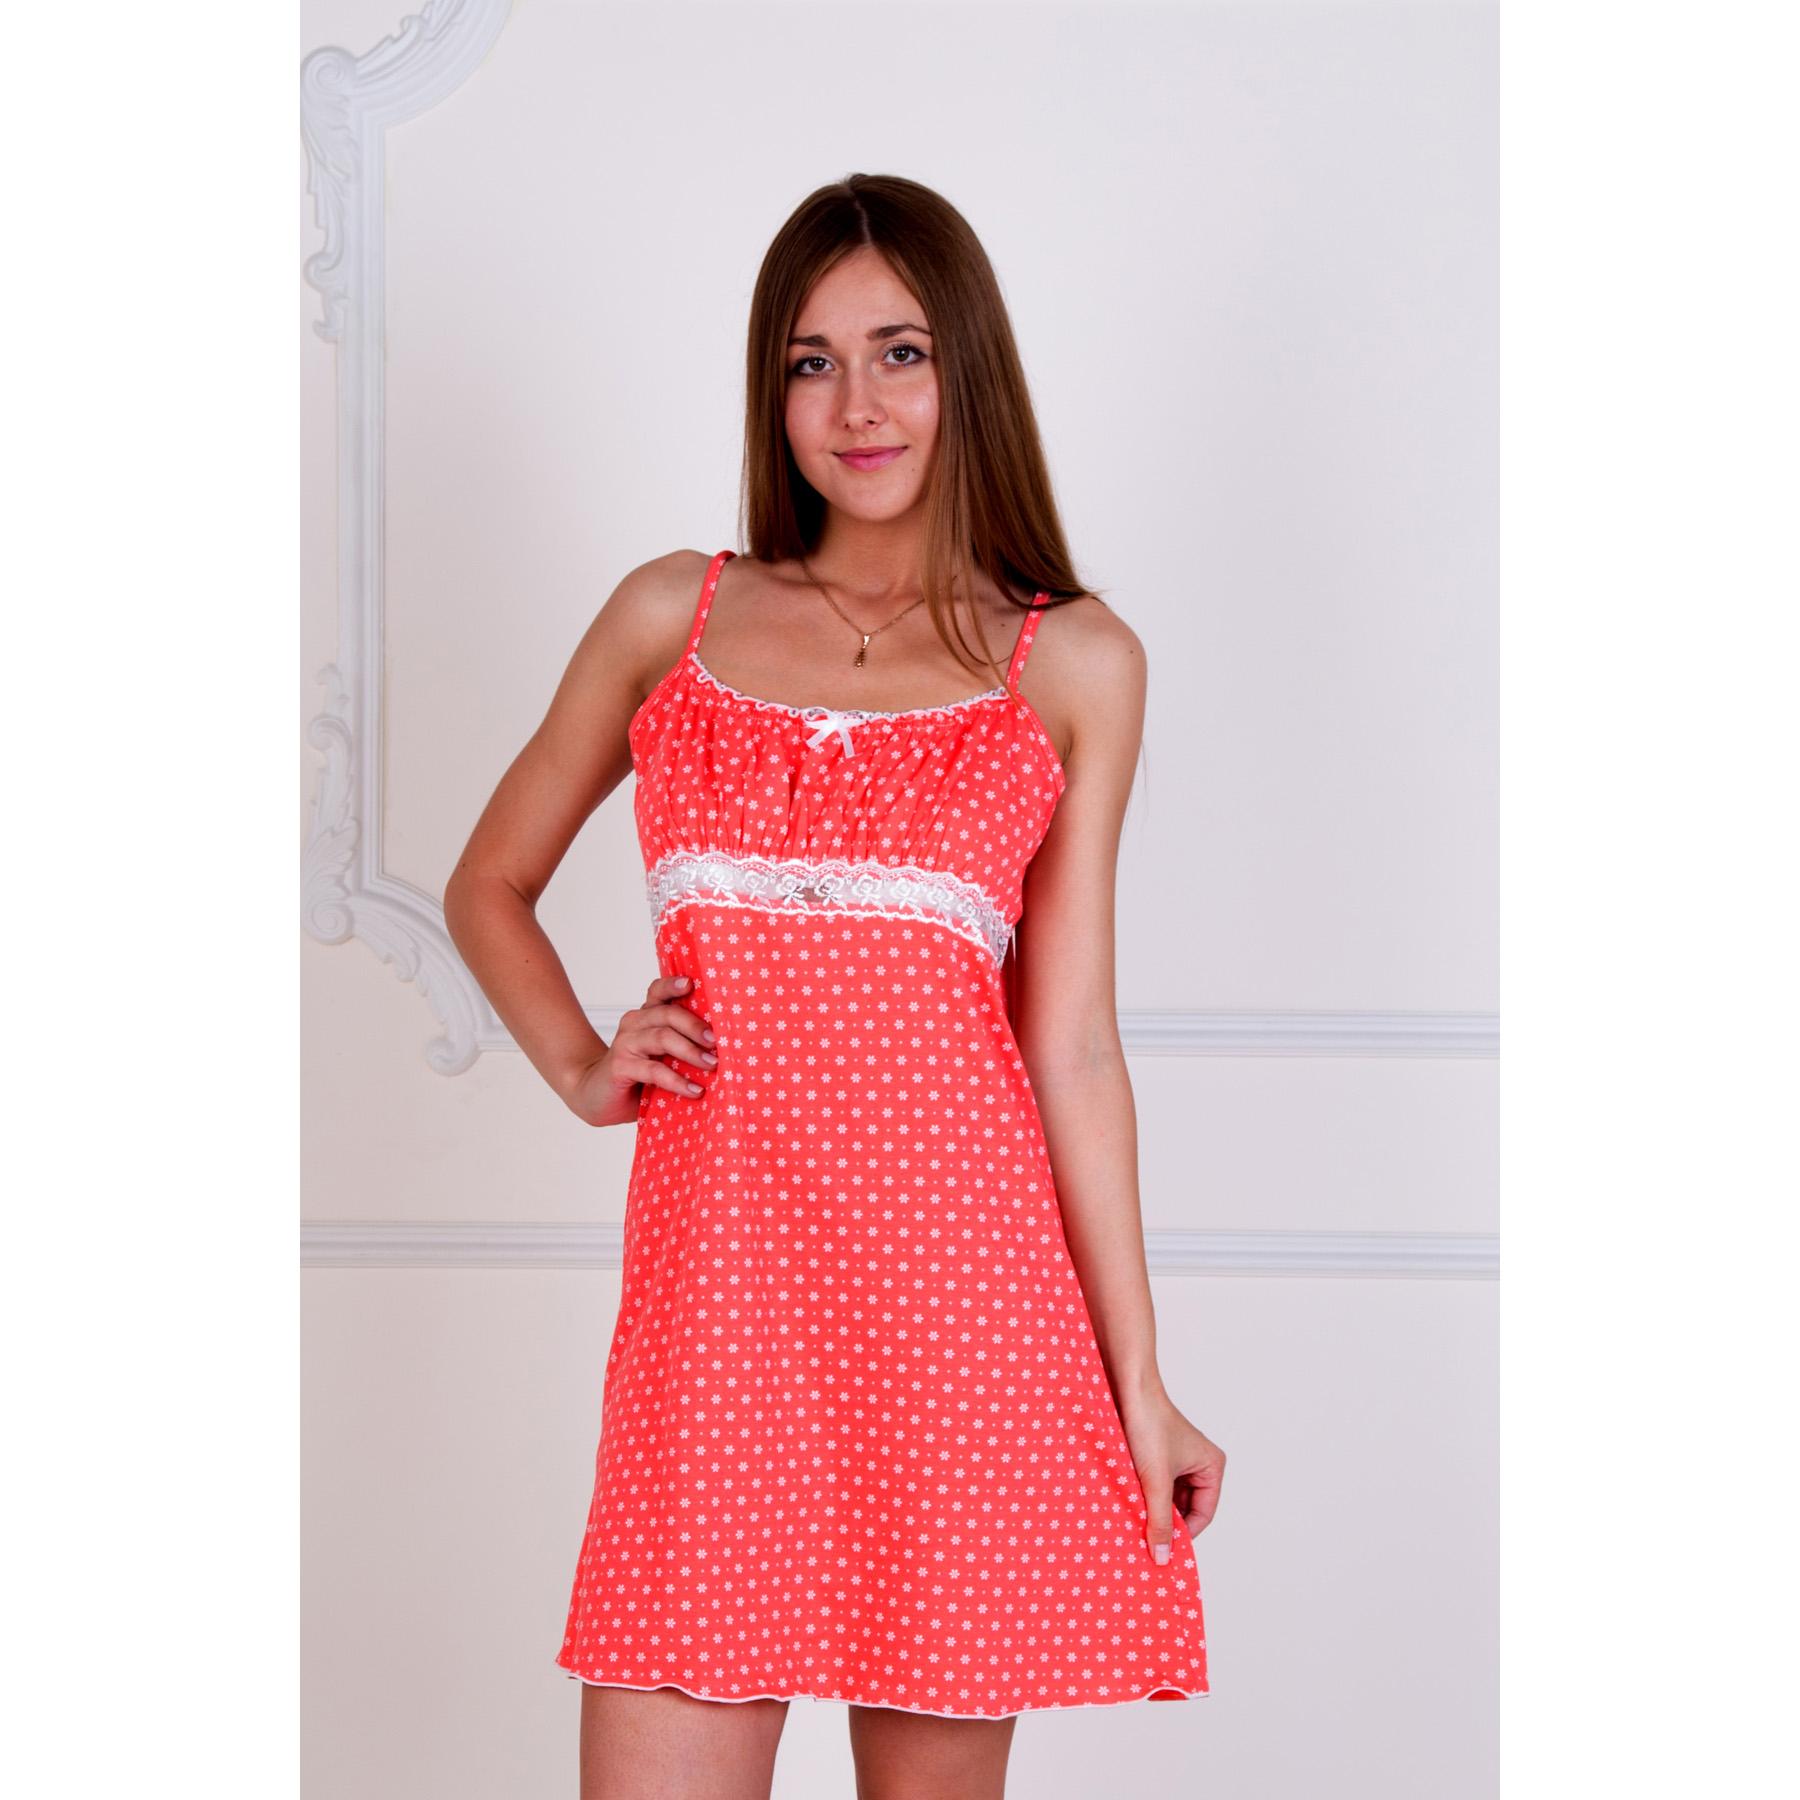 Женская сорочка Неженка Коралловый, размер 52Ночные сорочки<br>Обхват груди:104 см<br>Обхват талии:85 см<br>Обхват бедер:112 см<br>Рост:167 см<br><br>Тип: Жен. сорочка<br>Размер: 52<br>Материал: Кулирка